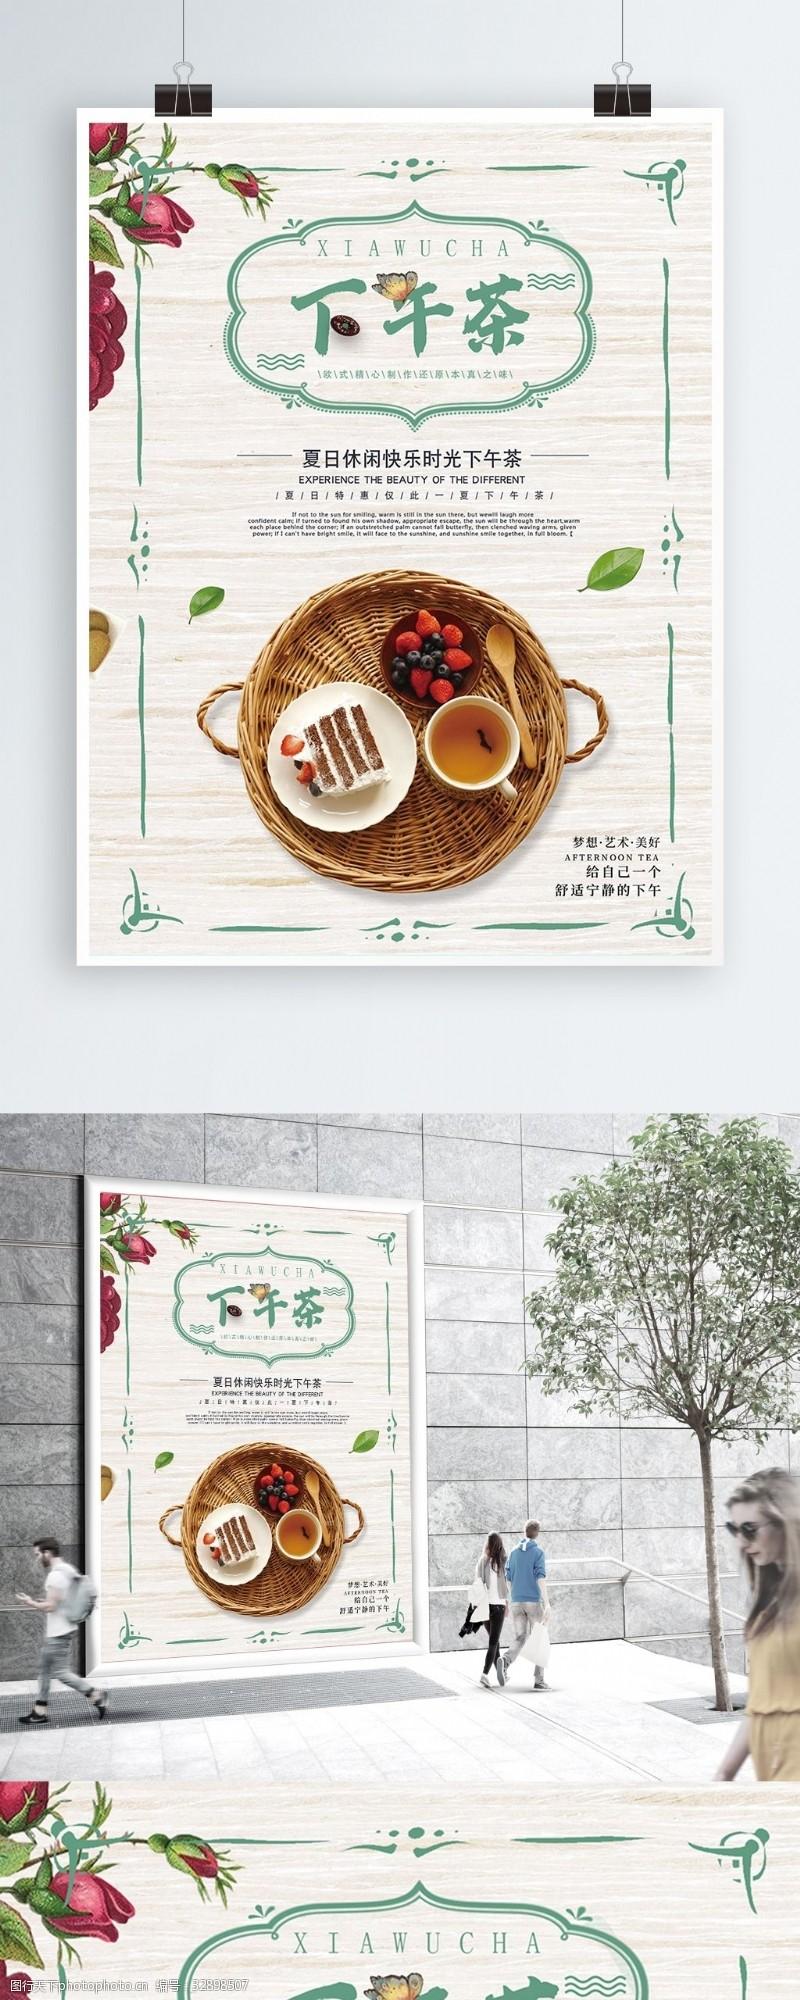 可愛下午茶餐廳促銷海報